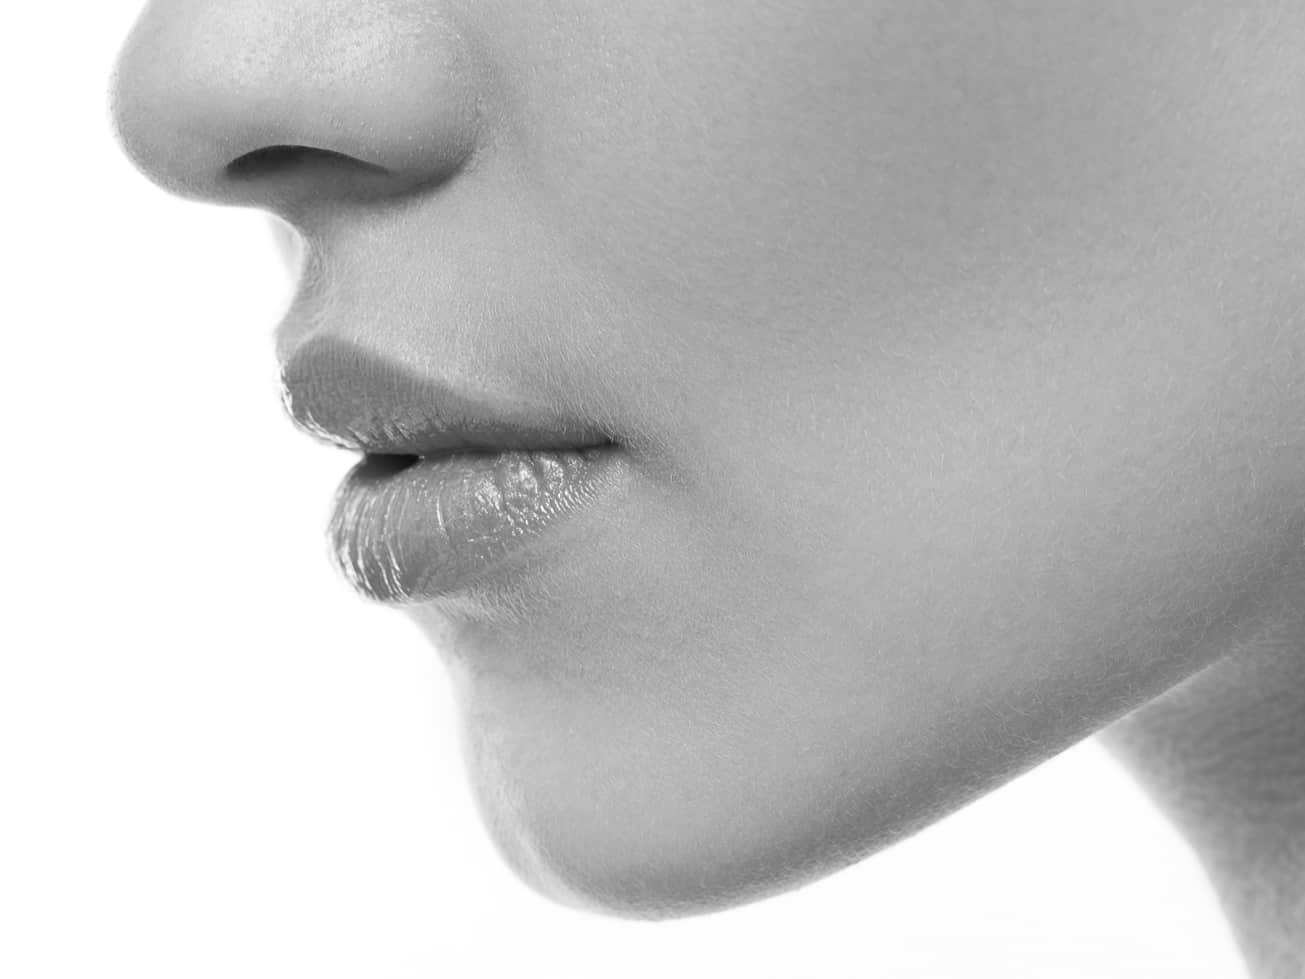 Lips_Chin